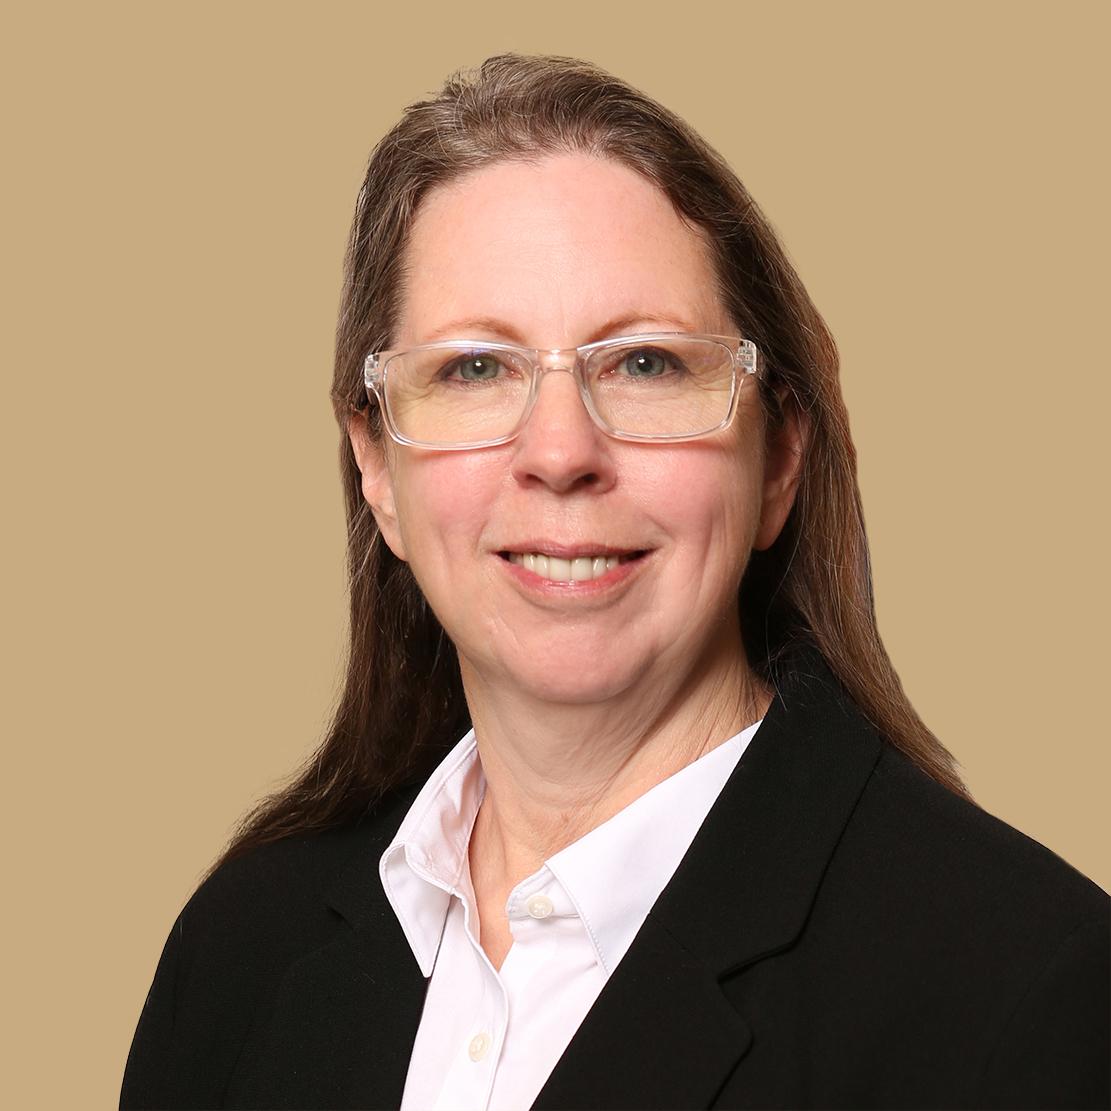 Beth Keller